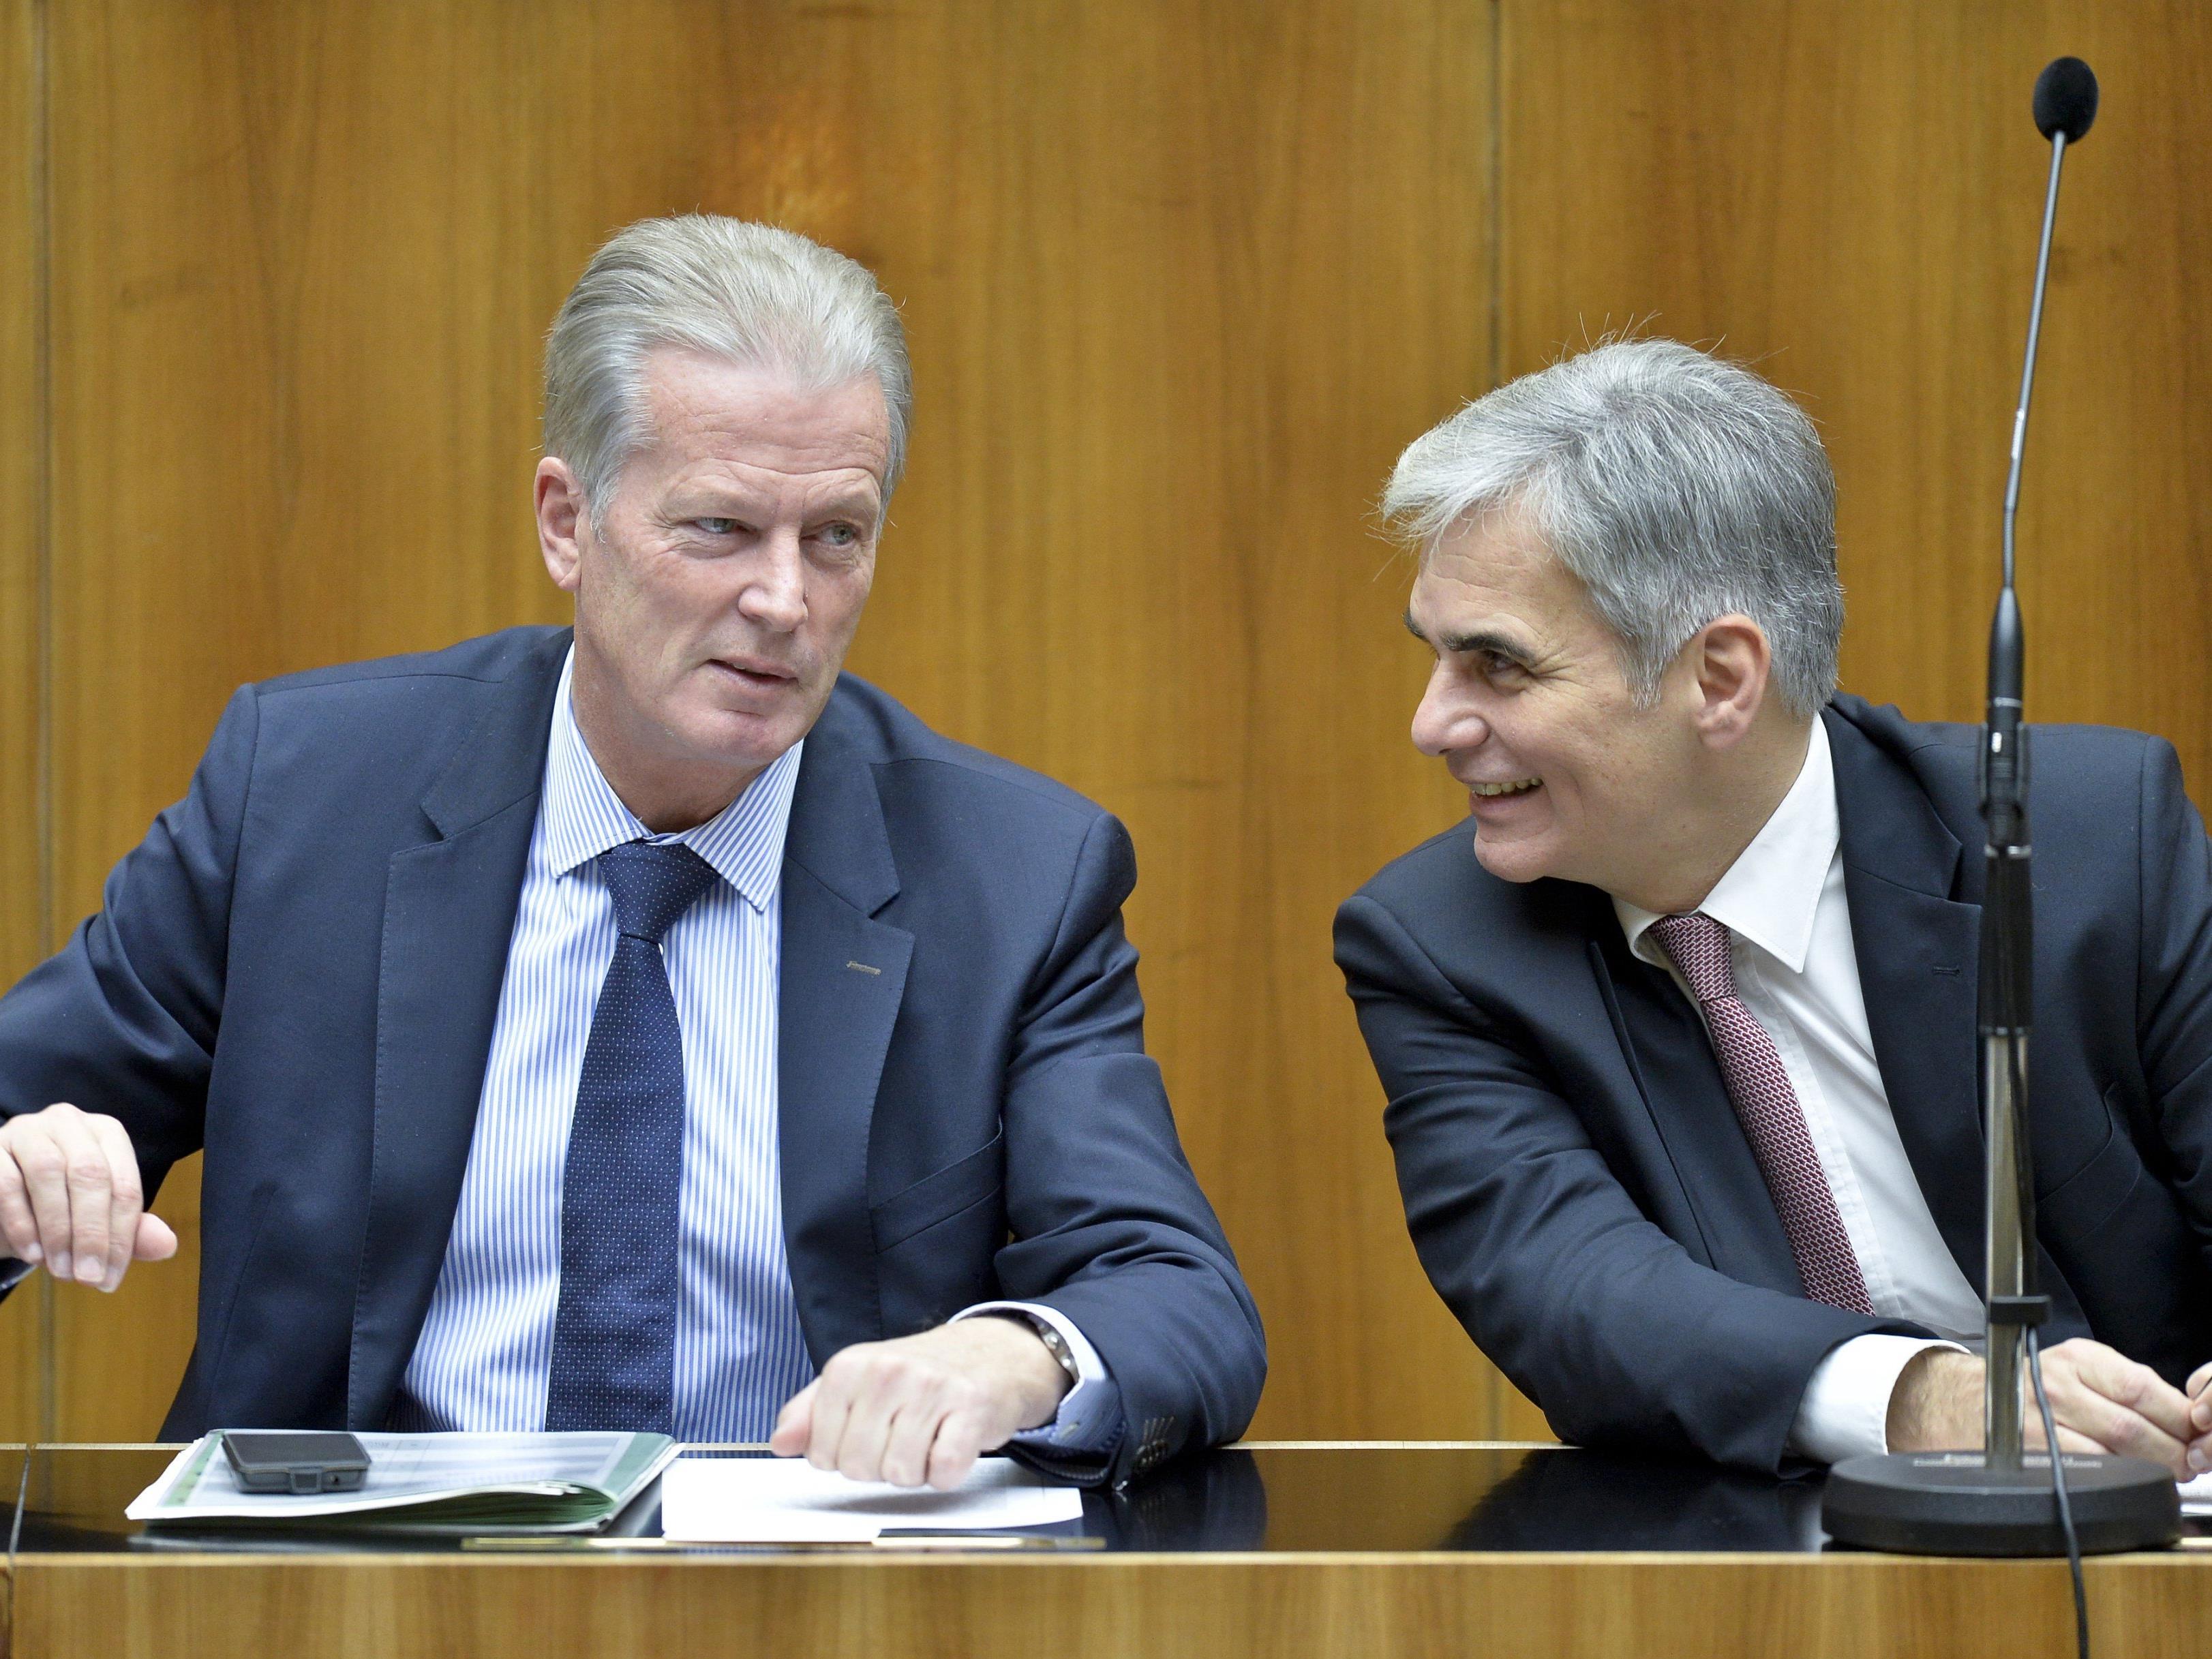 Das Vertrauen in Kanzler und Stellvertreter wächst.